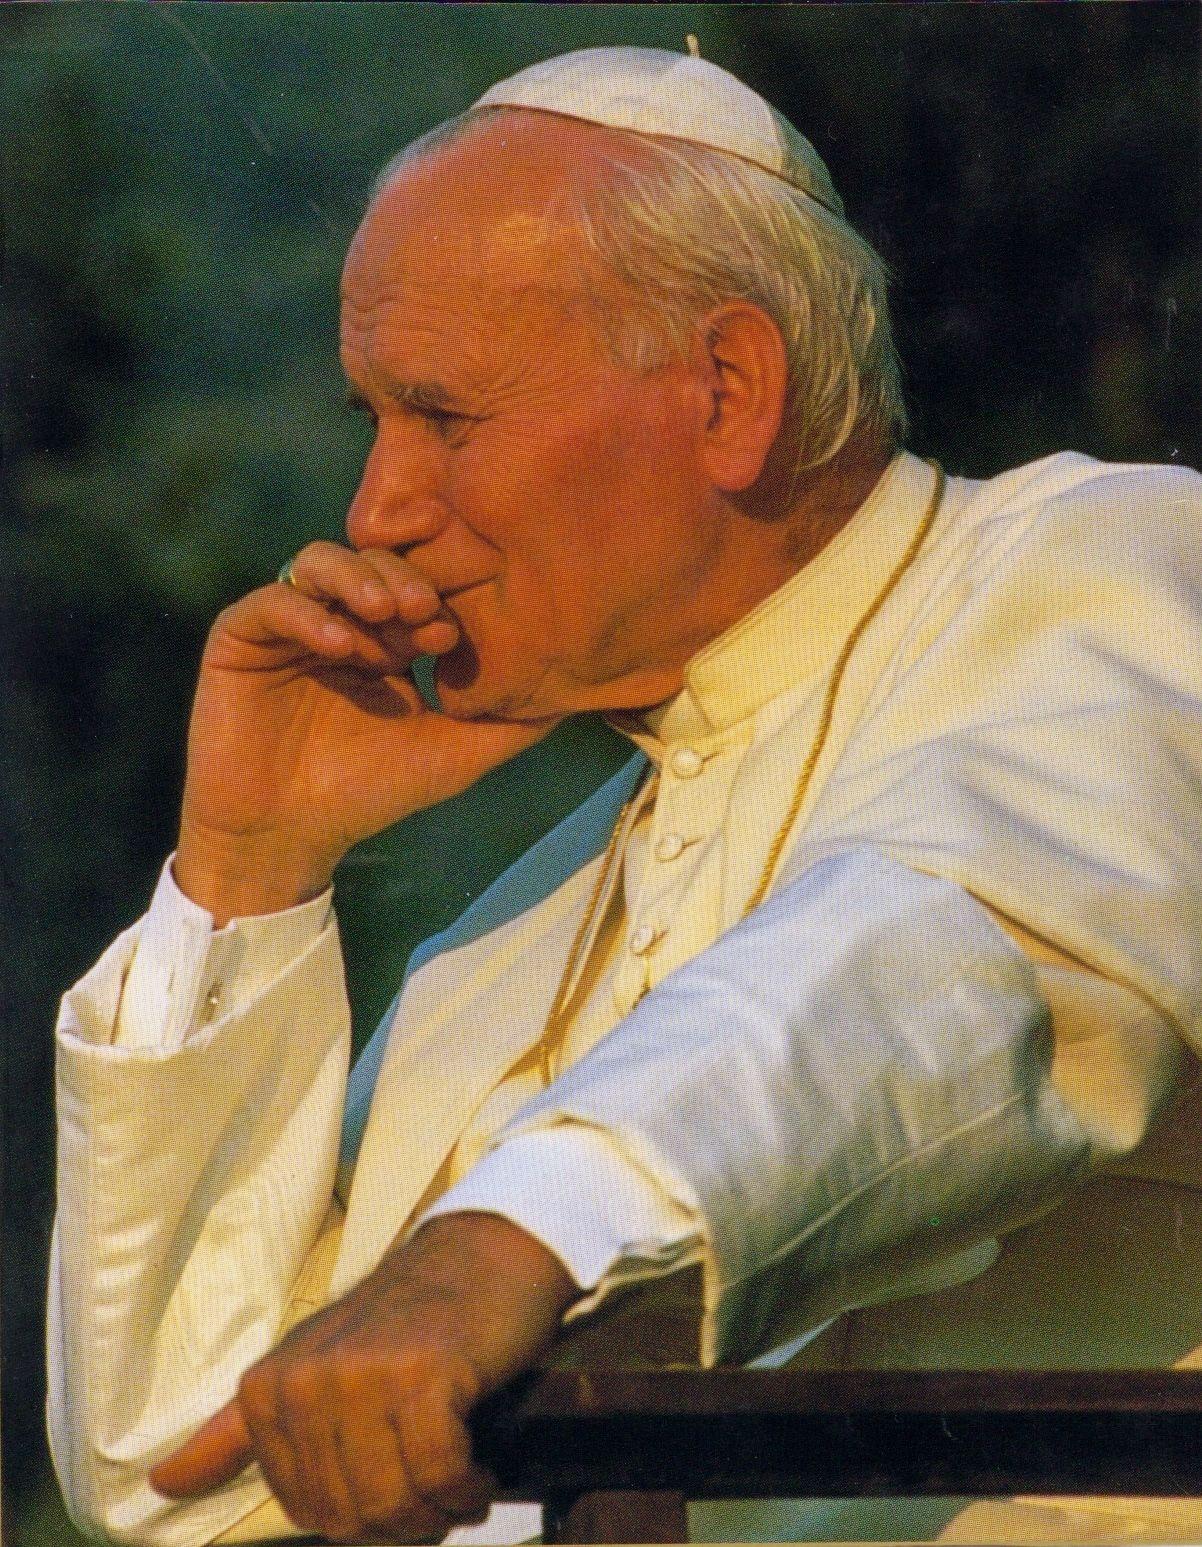 #264: St. John Paul II (1978 - 2005)